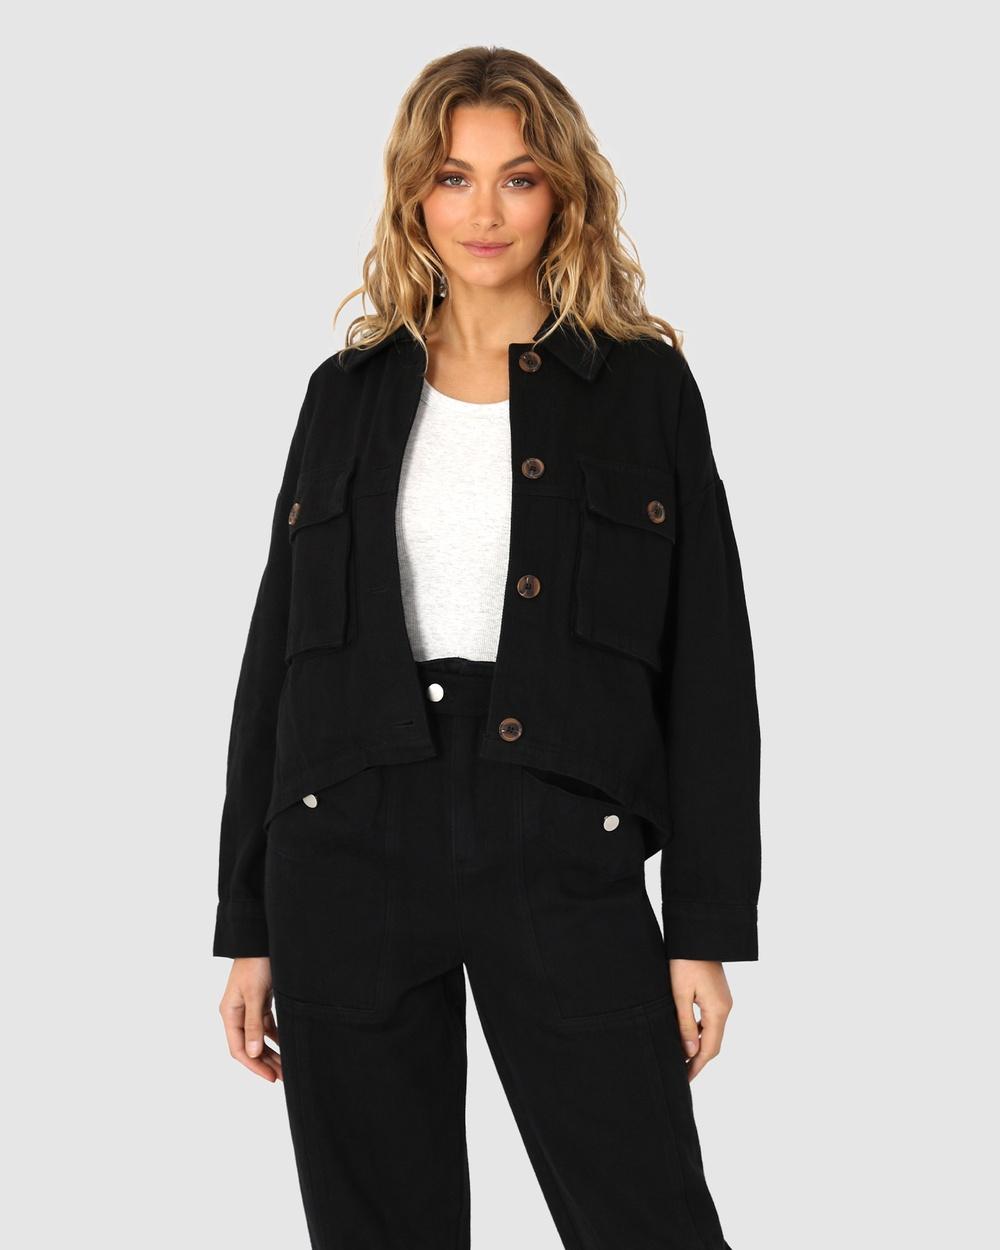 Madison The Label Izza Jacket Denim jacket Black Australia